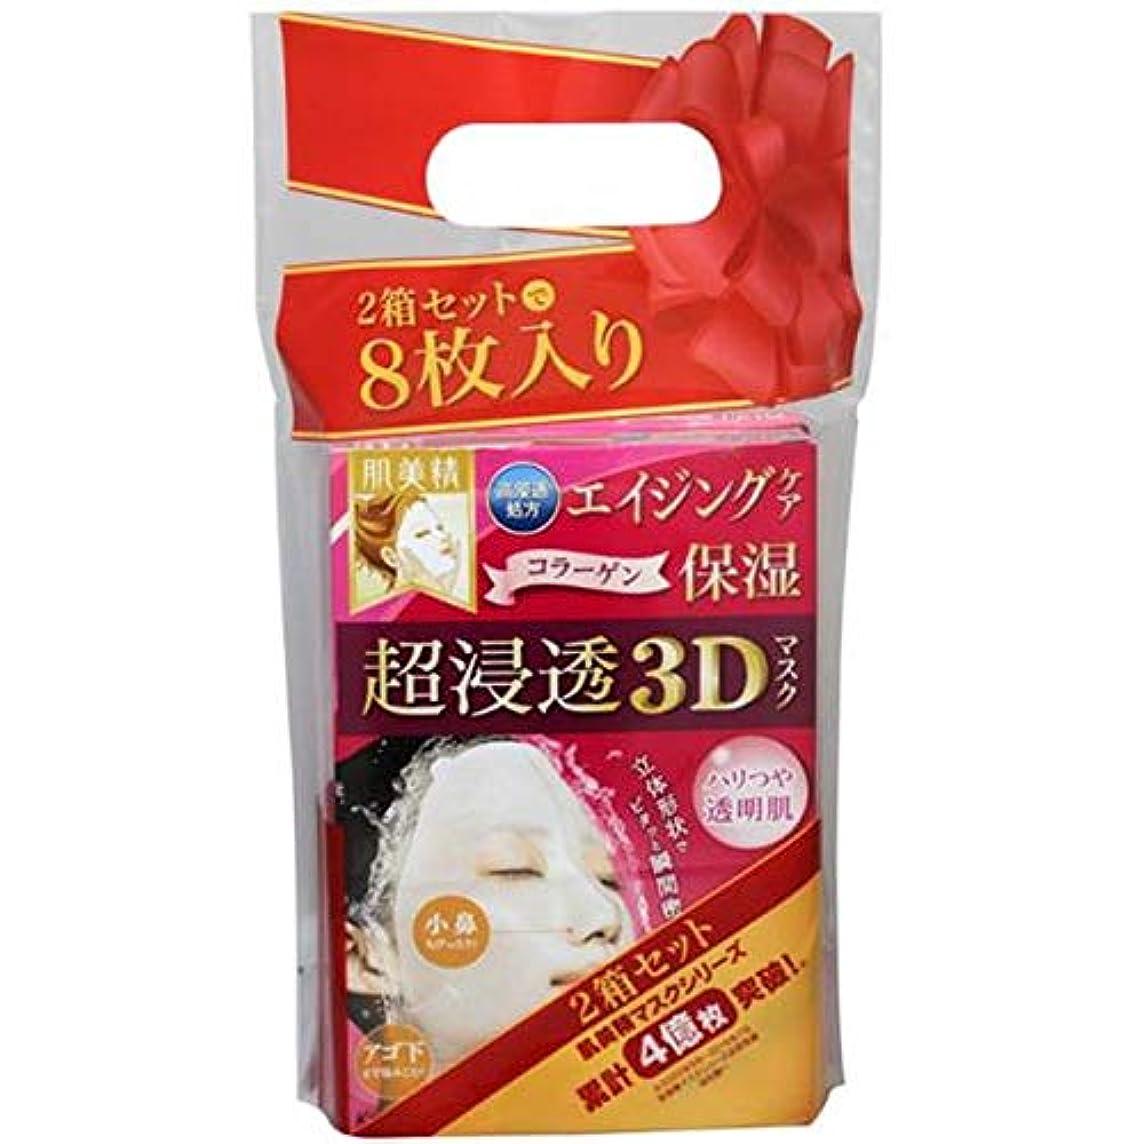 洗練されたぜいたく高尚な【数量限定!お買い得セット!】肌美精 超浸透3Dマスク エイジングケア保湿 2個セット